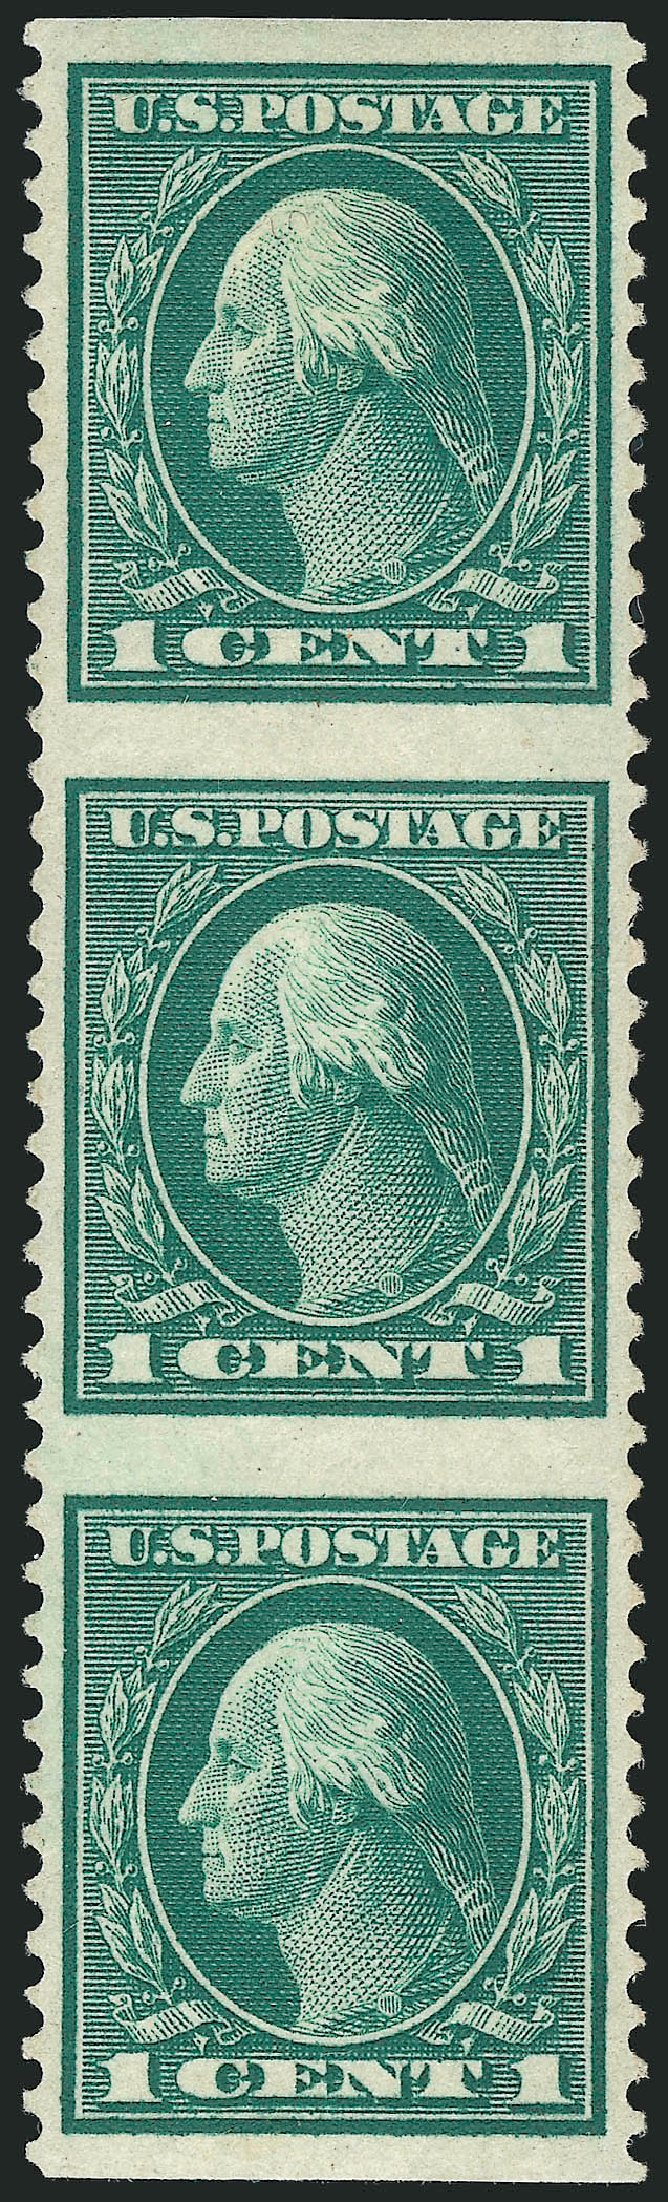 US Stamps Values Scott Cat. #498 - 1917 1c Washington Perf 11. Robert Siegel Auction Galleries, Apr 2015, Sale 1096, Lot 743